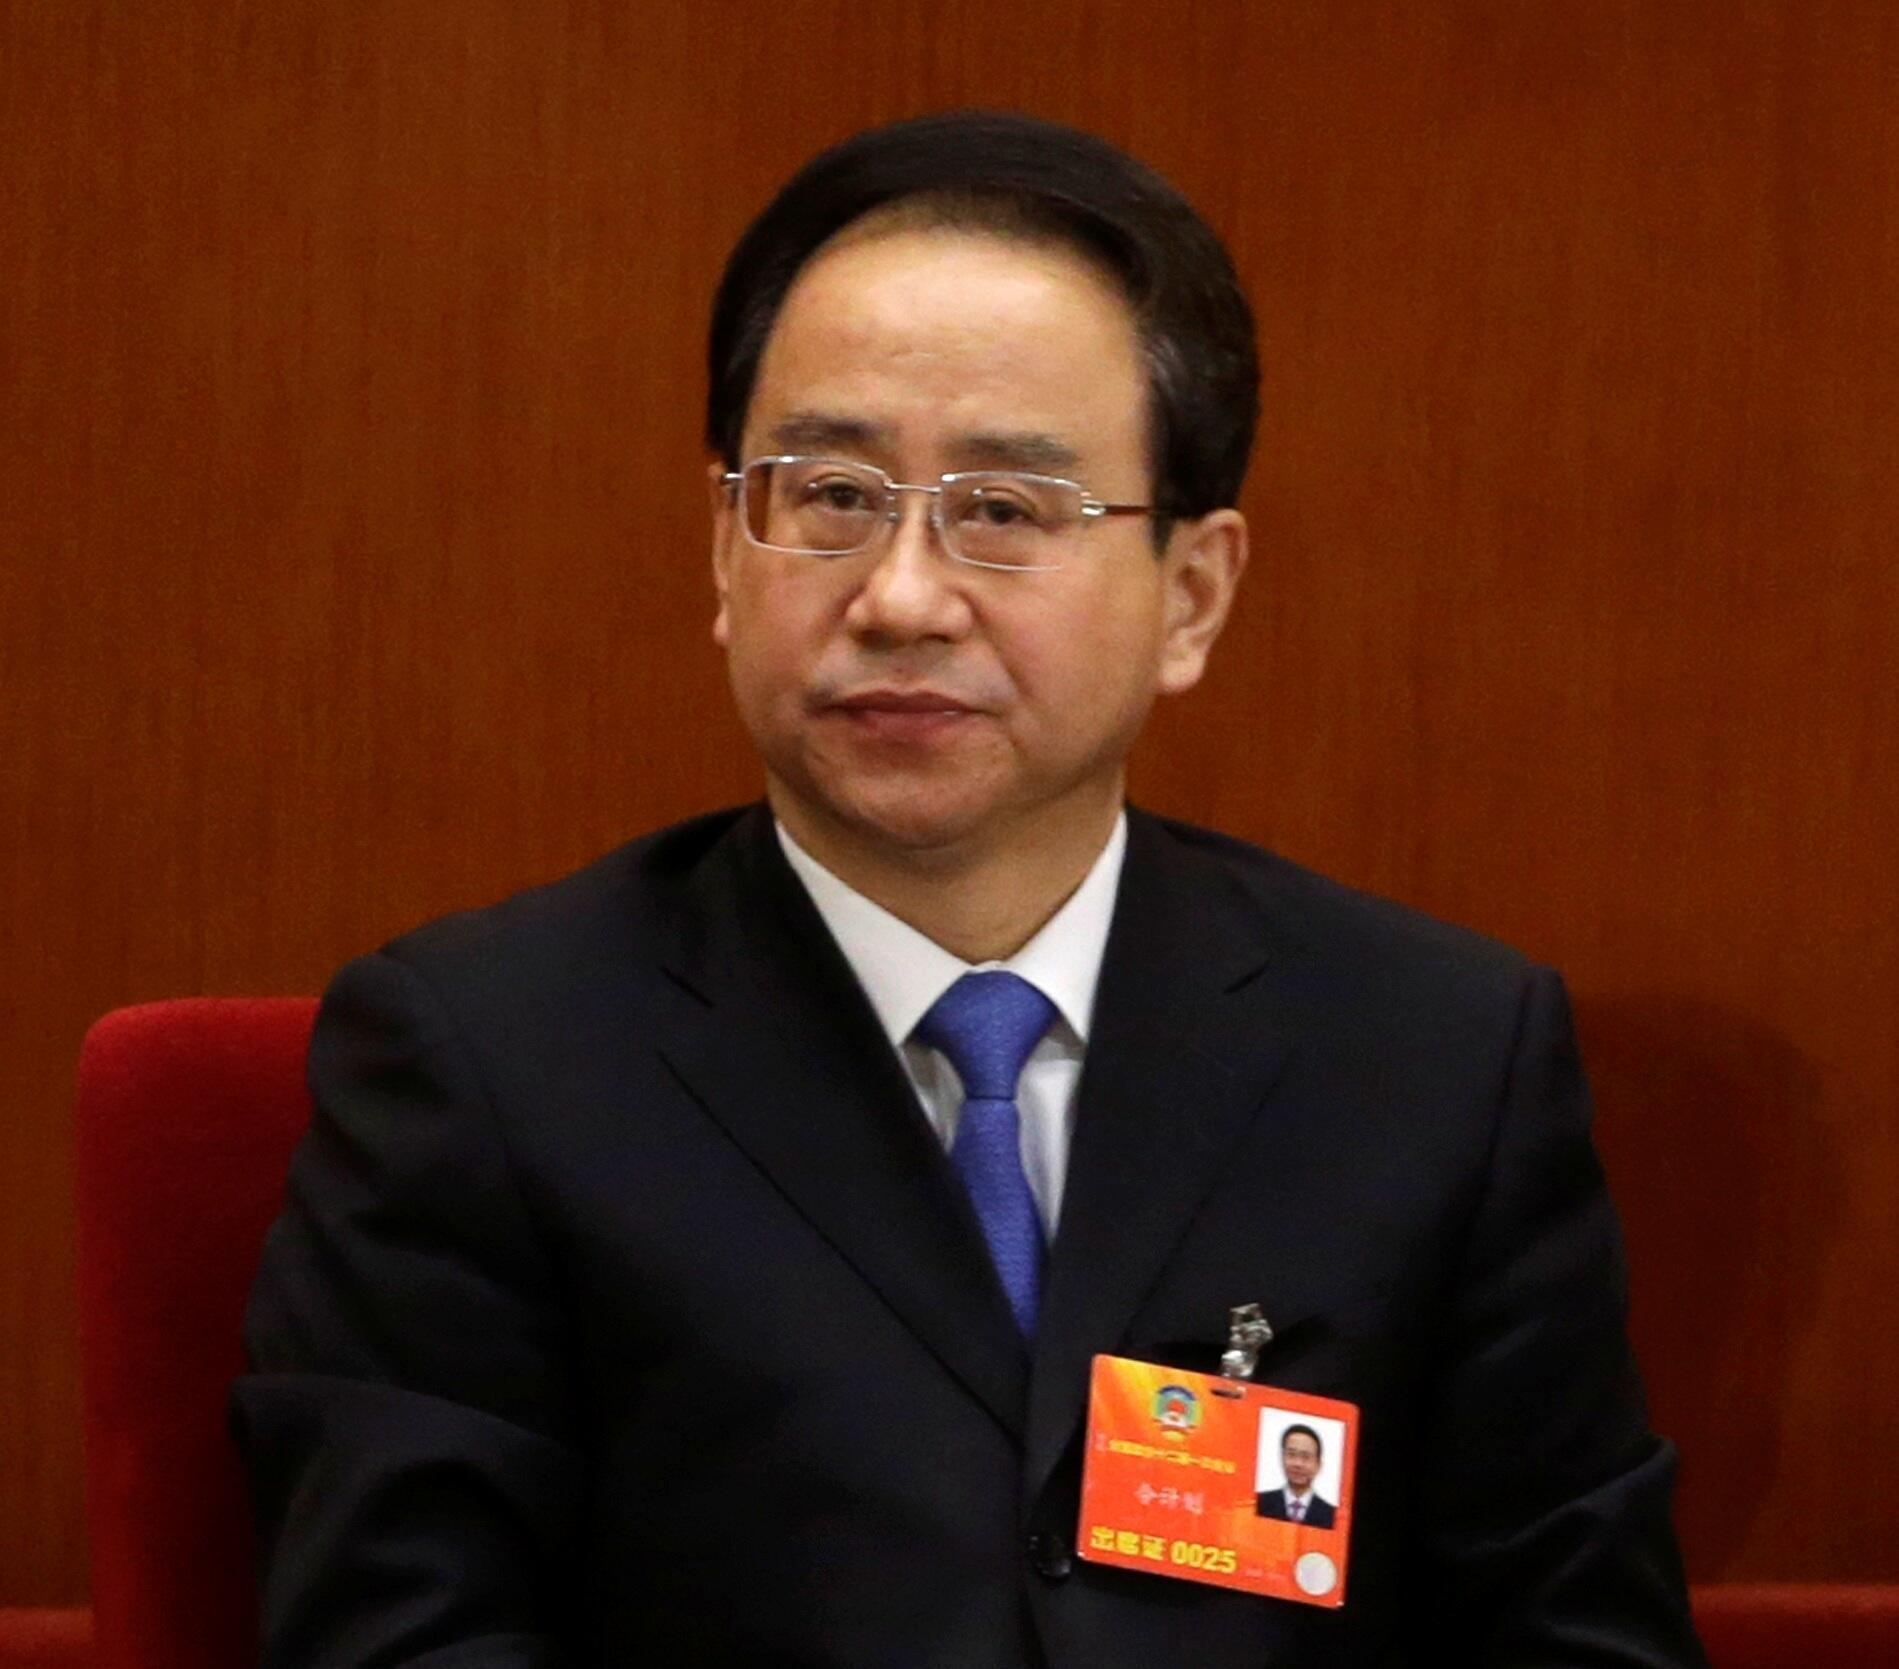 Ông Lệnh Kế Hoạch (Ling Jihua) trong một cuộc họp tại Bắc Kinh, đầu năm 2013.